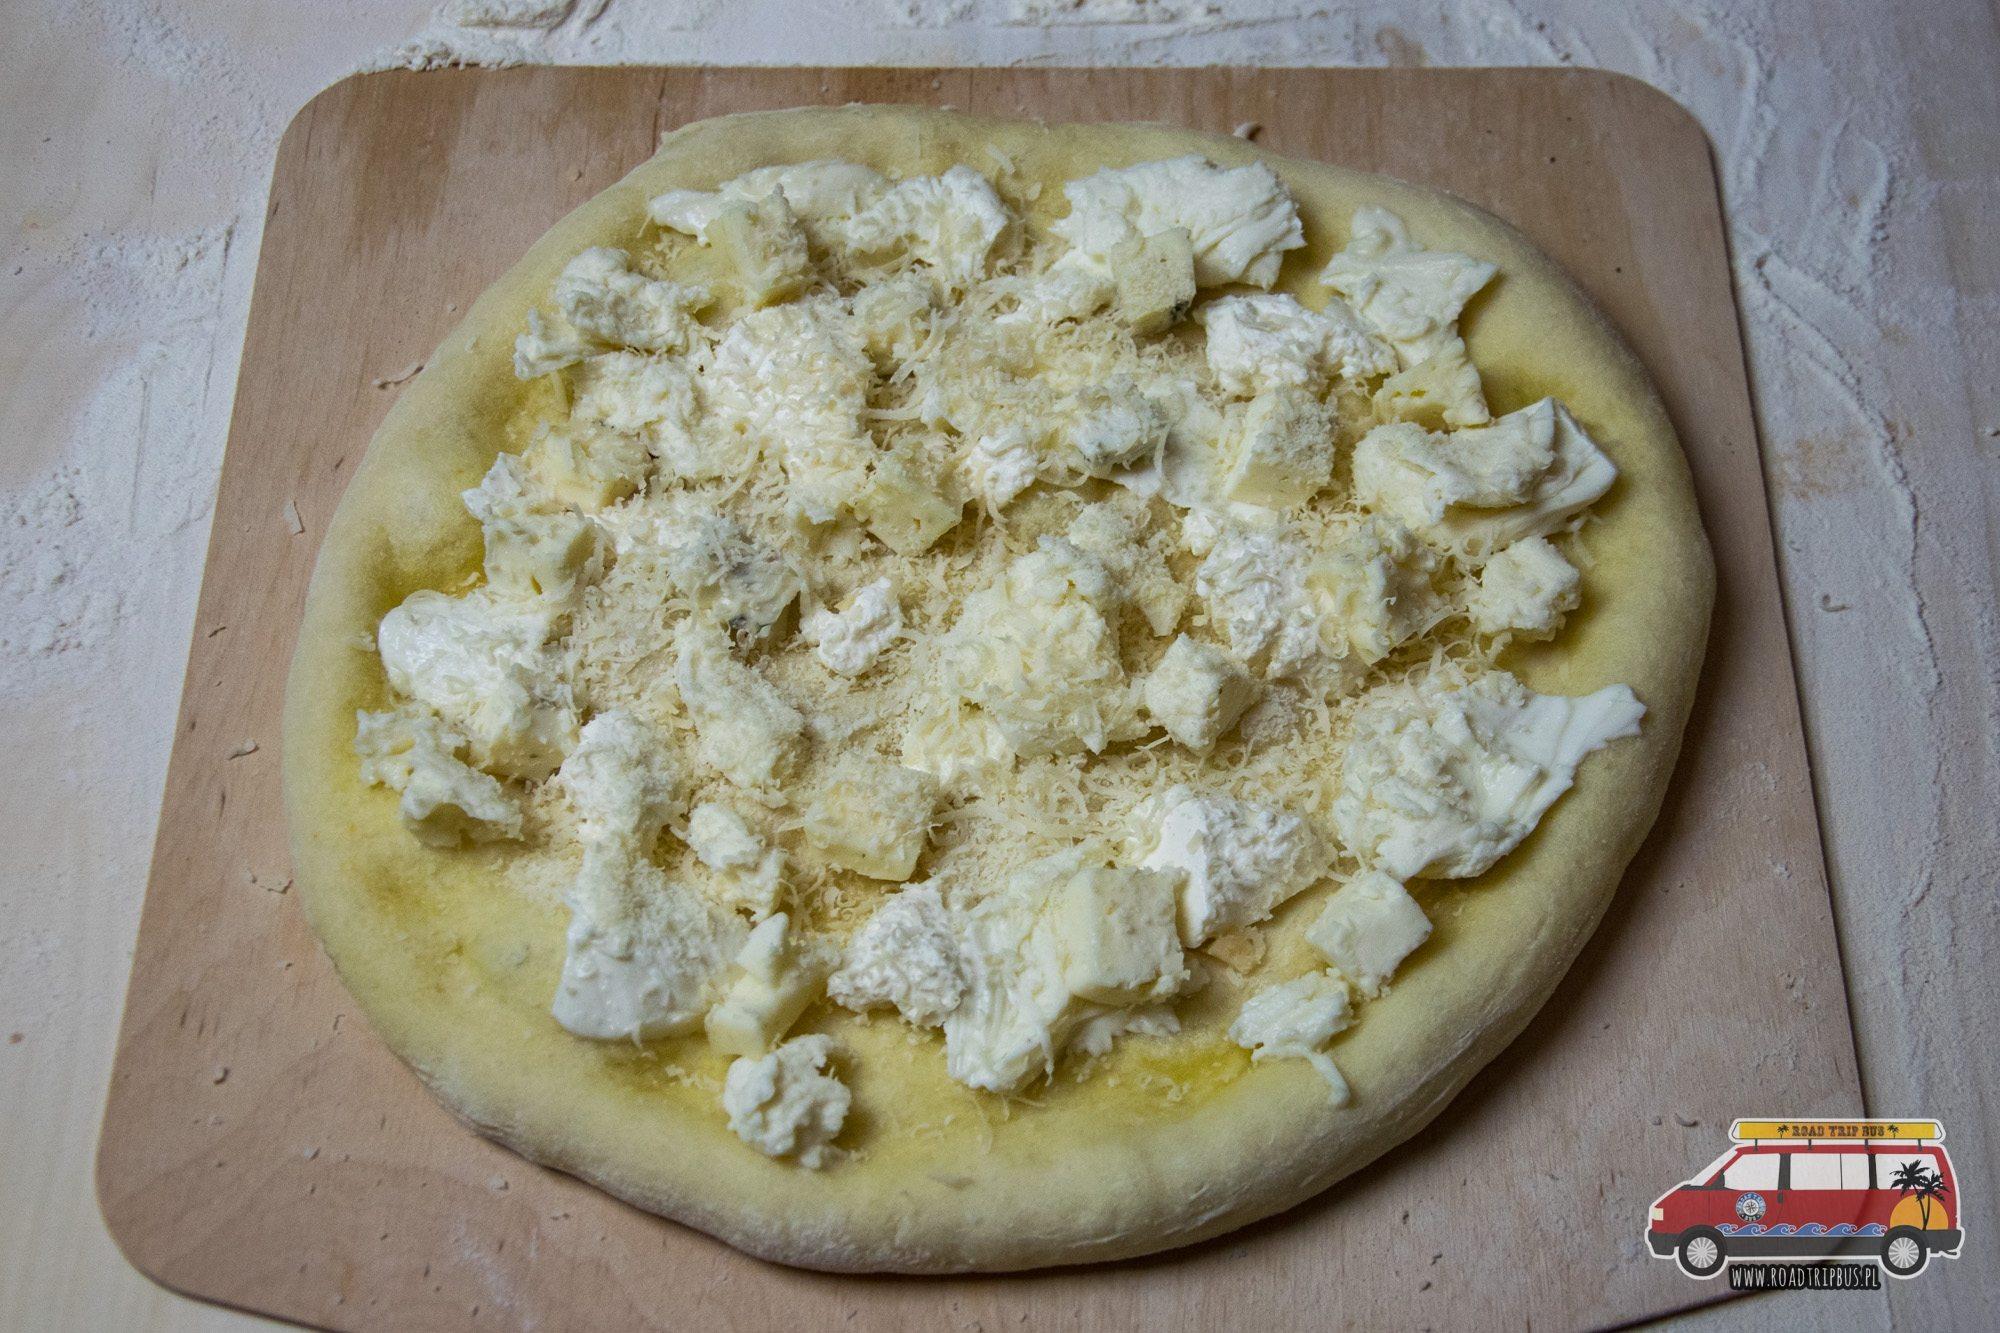 quattro fromaggi przed upieczeniem